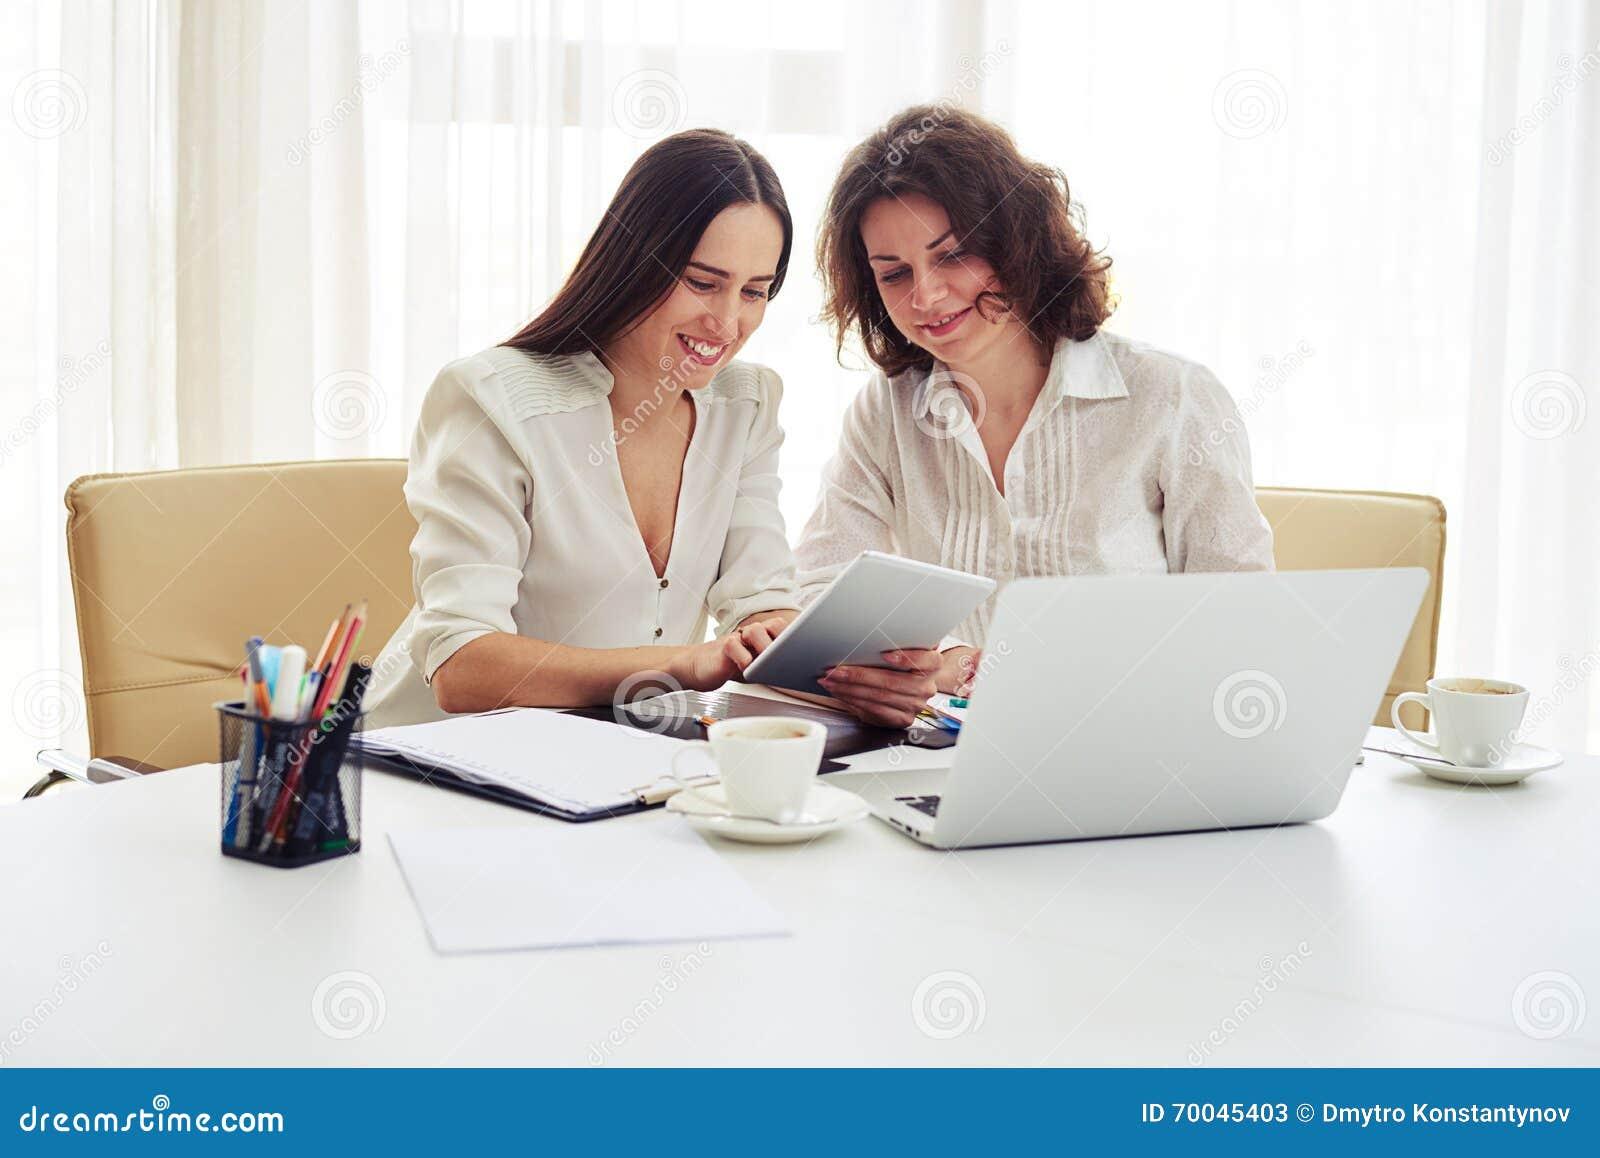 Zwei Junge Frauen Die Zusammen Mit Geraten Im Buro Arbeiten